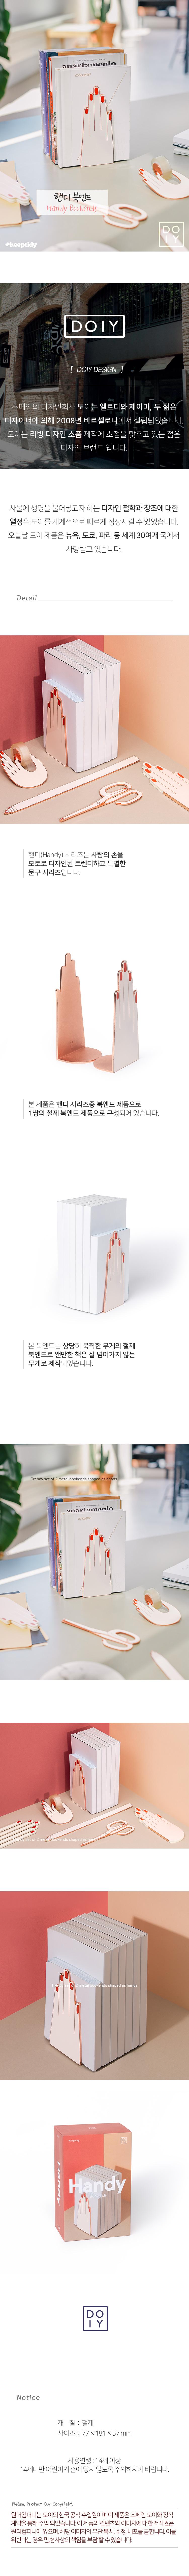 [도이] 핸디 책고정 북엔드 책꽂이 책지지대 - 원더스토어, 55,000원, 독서용품, 북앤드